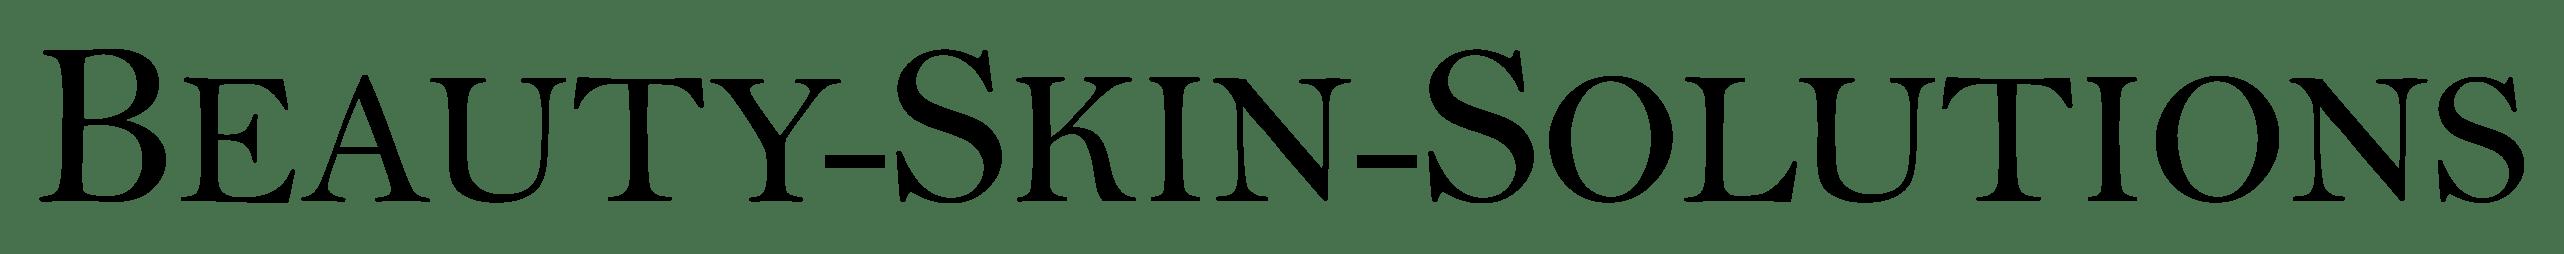 Beauty Skin Solutions Logo Schriftzug